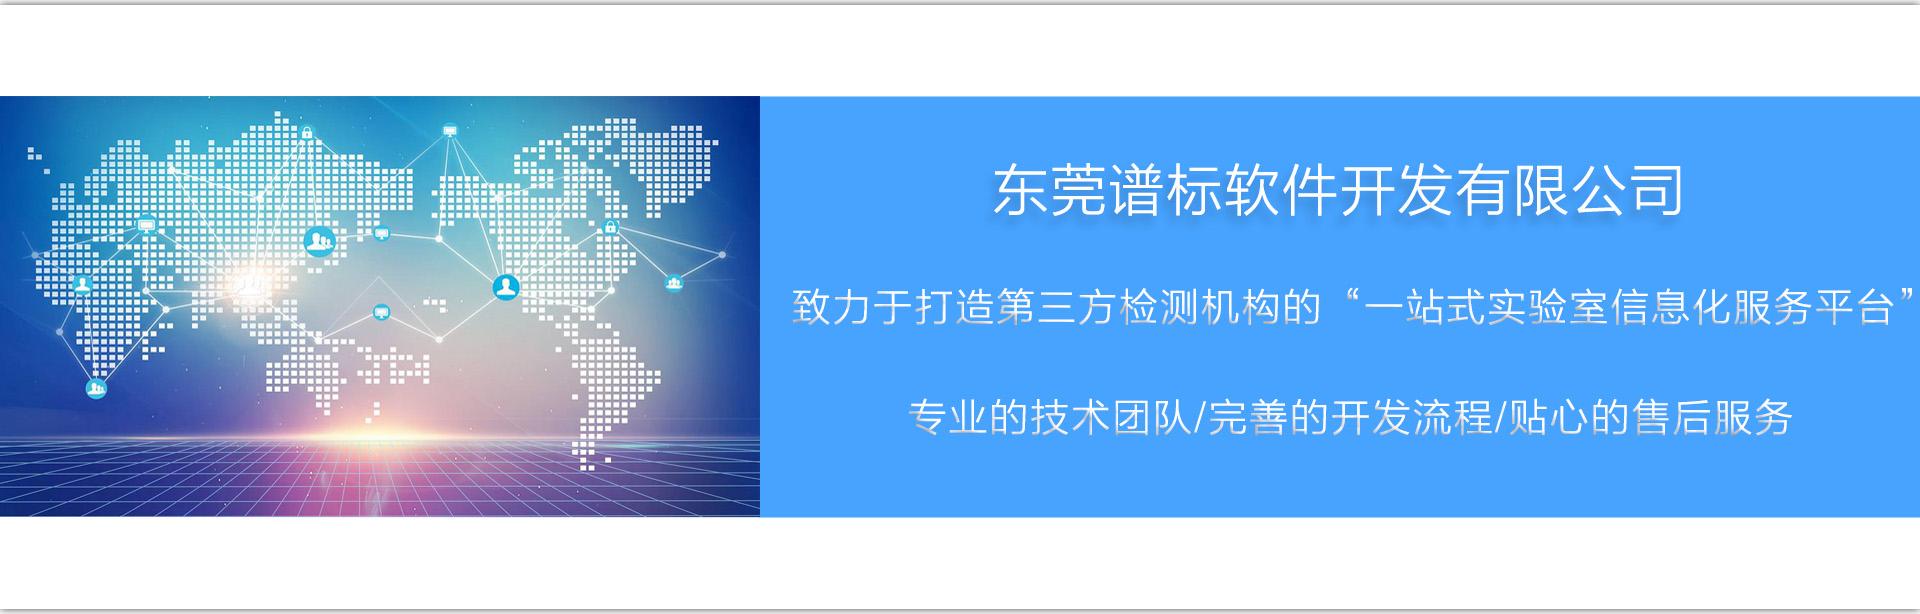 实验室信息管理系统供应商谱标